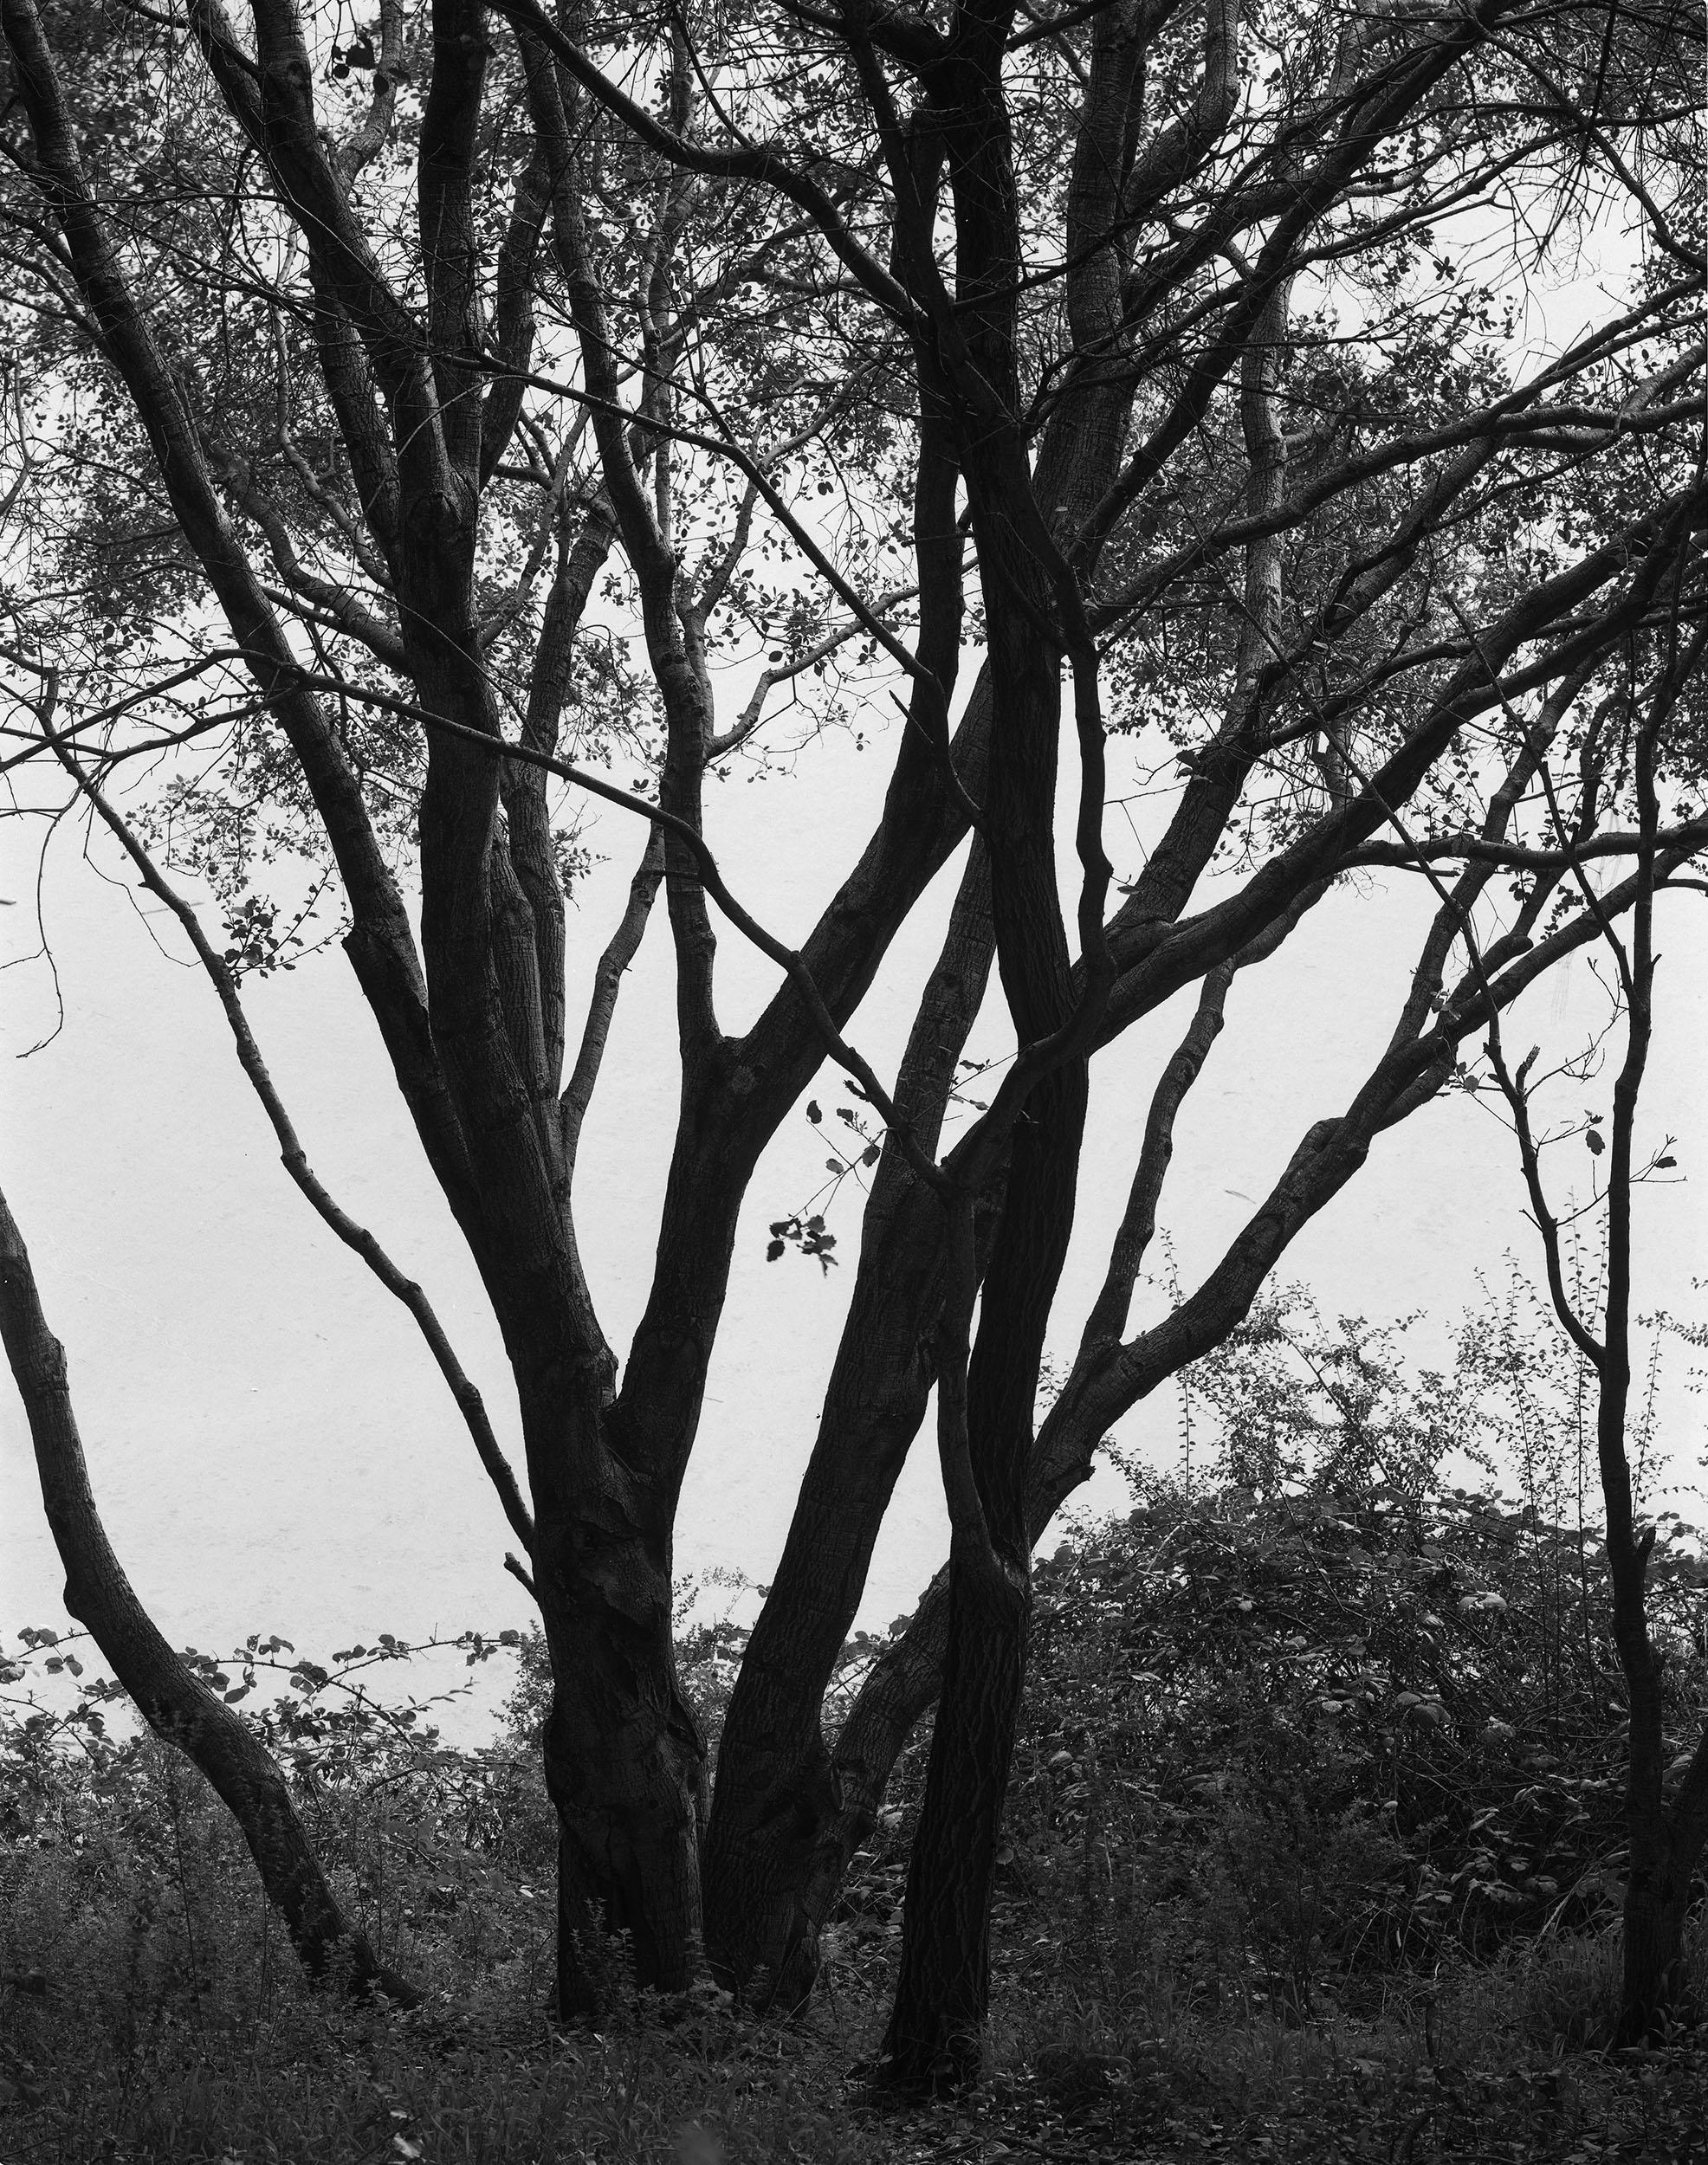 mountain view trees.jpg